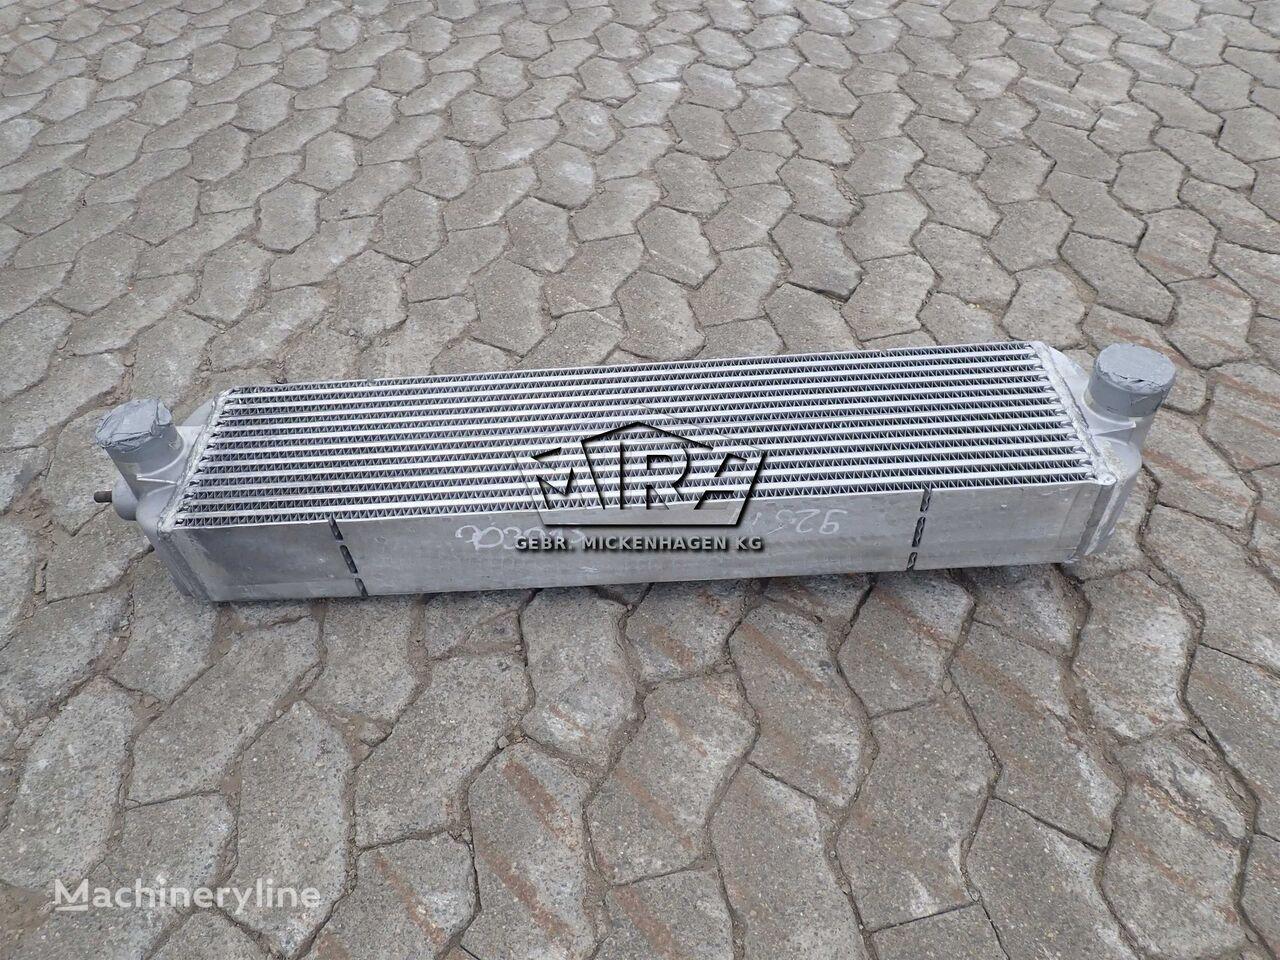 / Ladeluftkühler intercooler for CATERPILLAR 926 M wheel loader